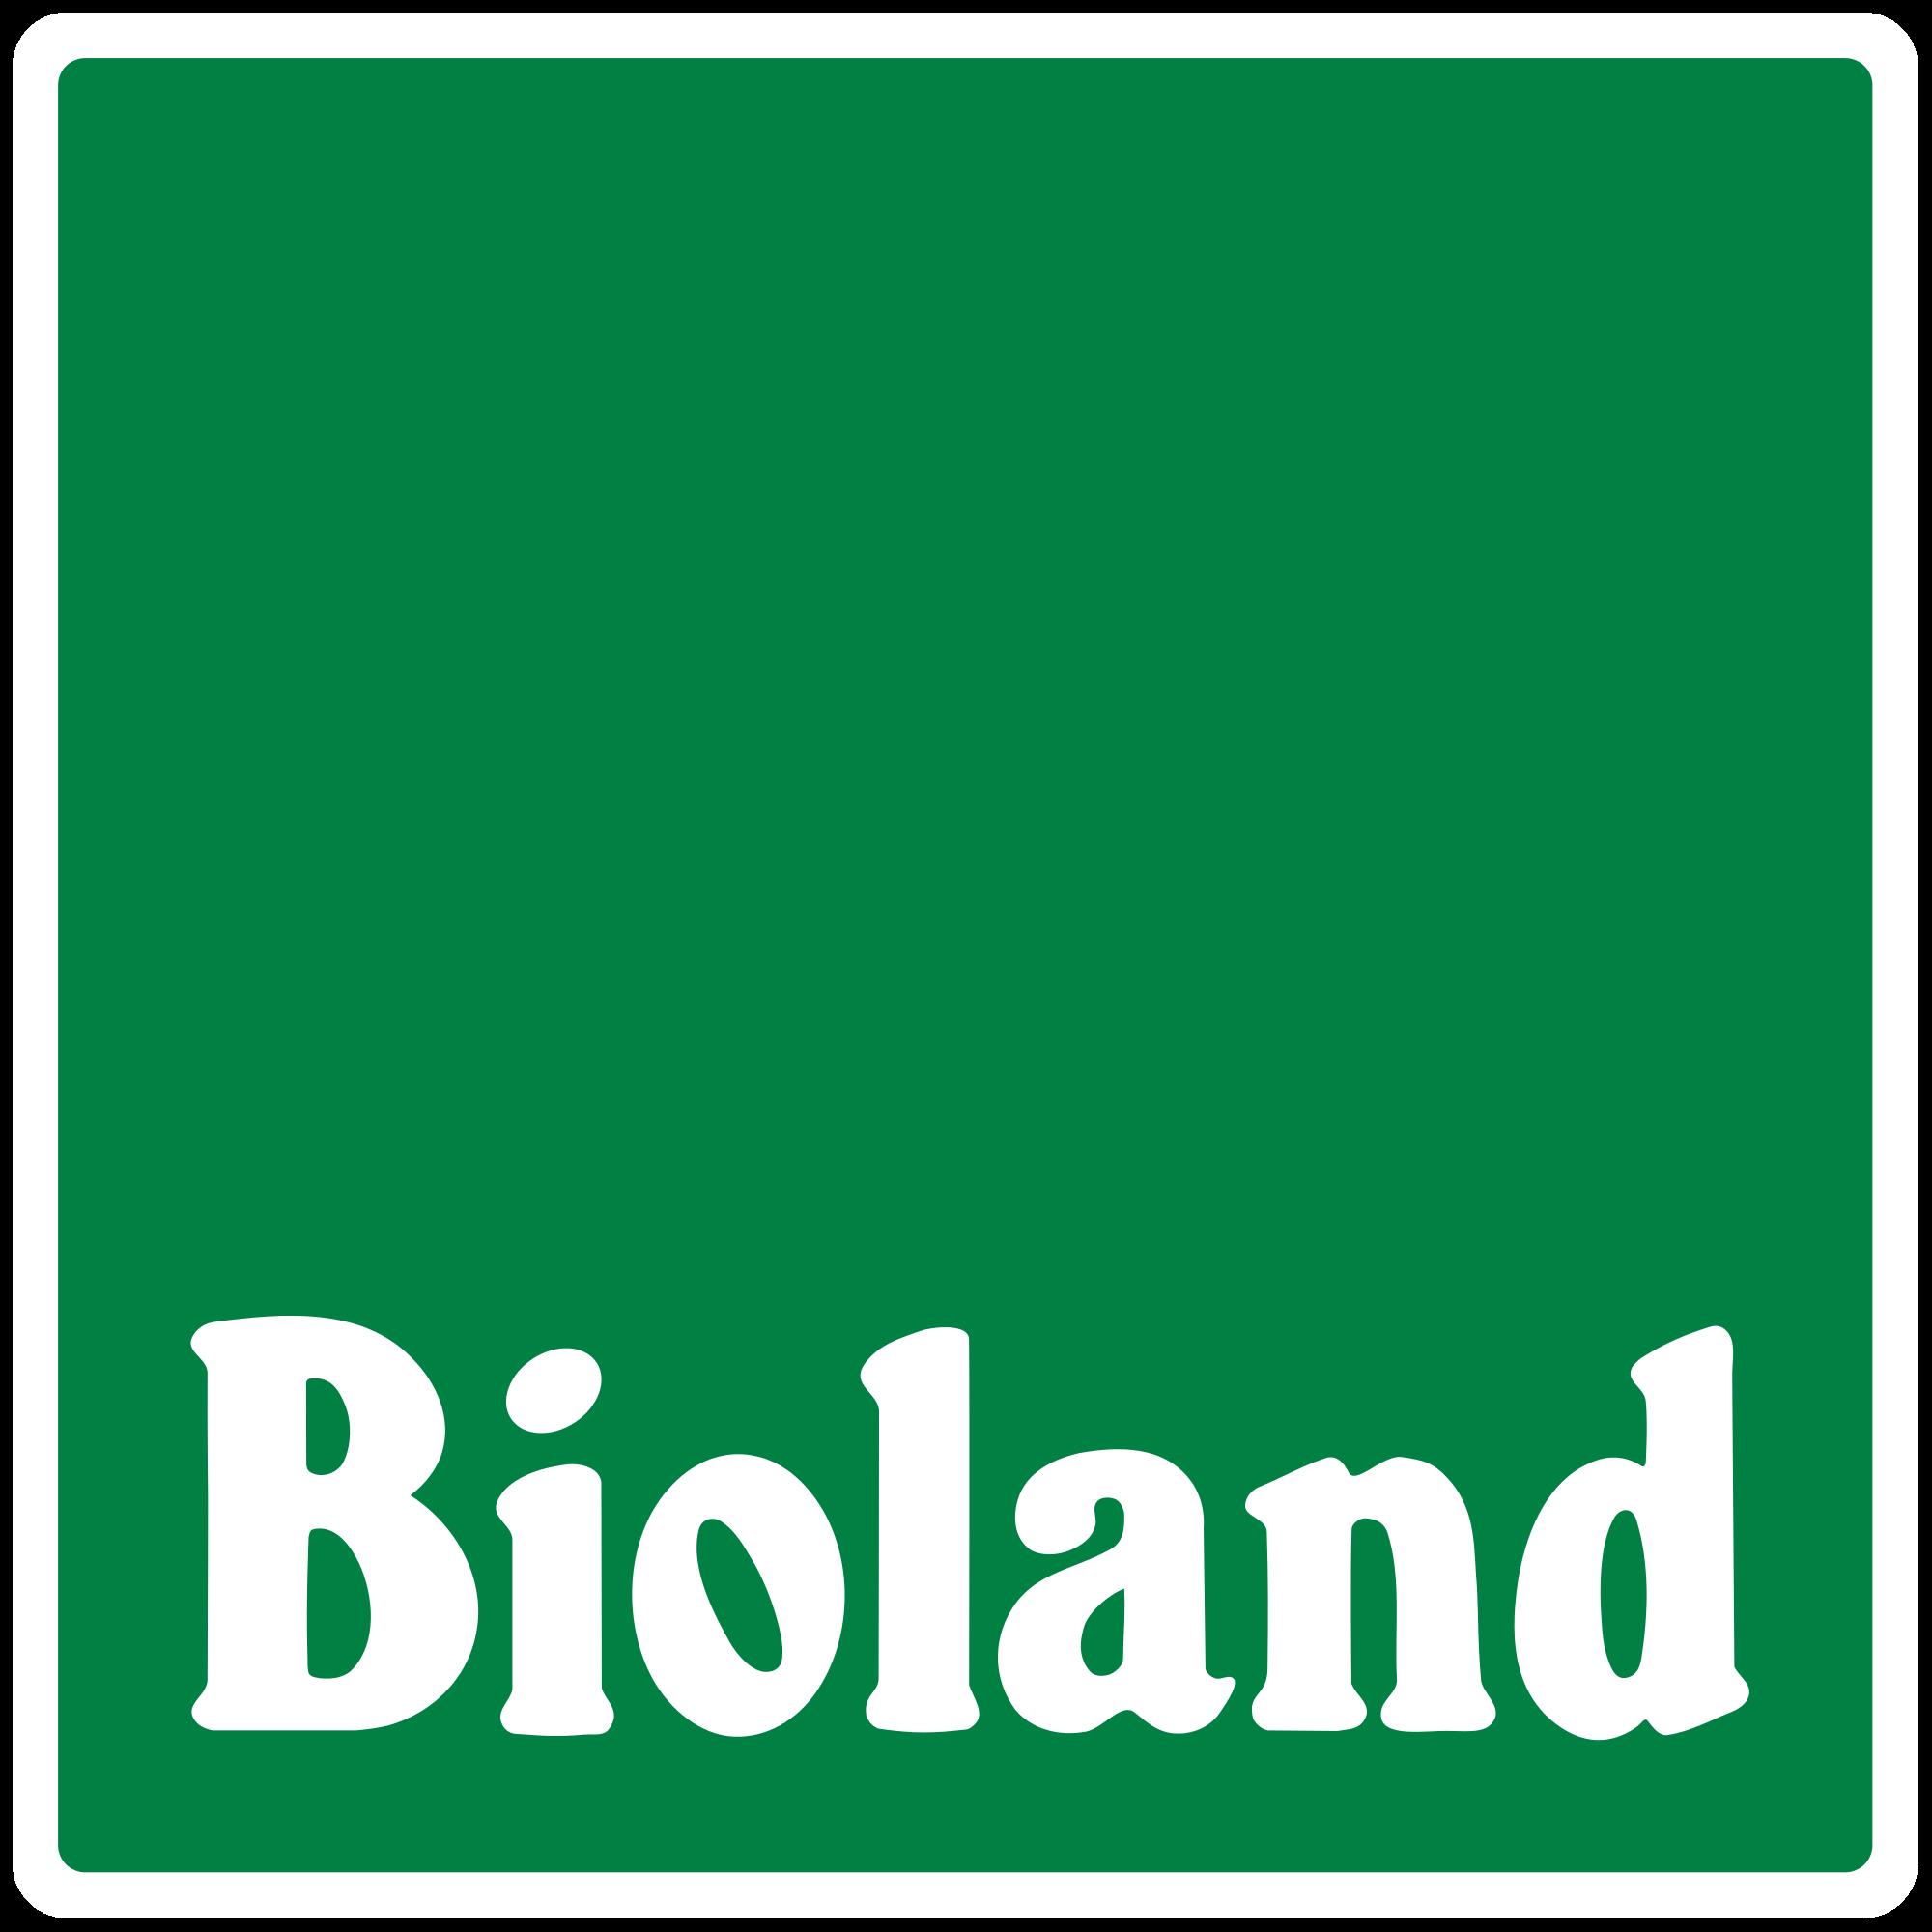 Bioland Logo